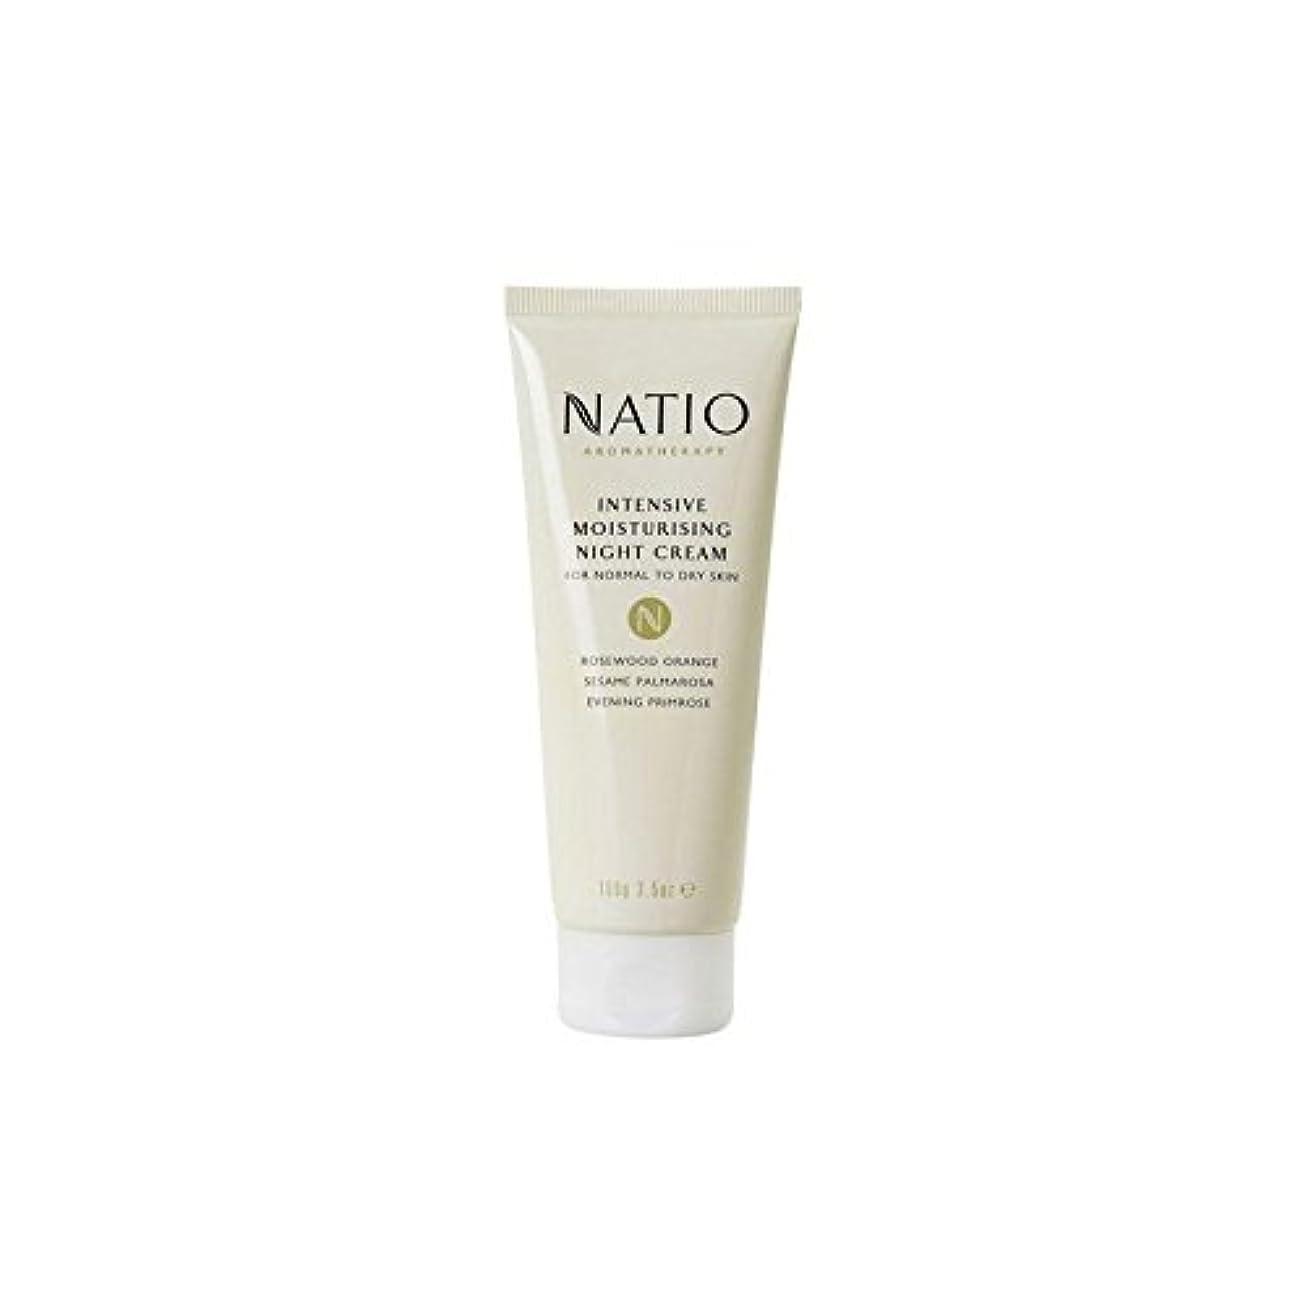 抑圧する応答ズームNatio Intensive Moisturising Night Cream (100G) - 集中的な保湿ナイトクリーム(100グラム) [並行輸入品]